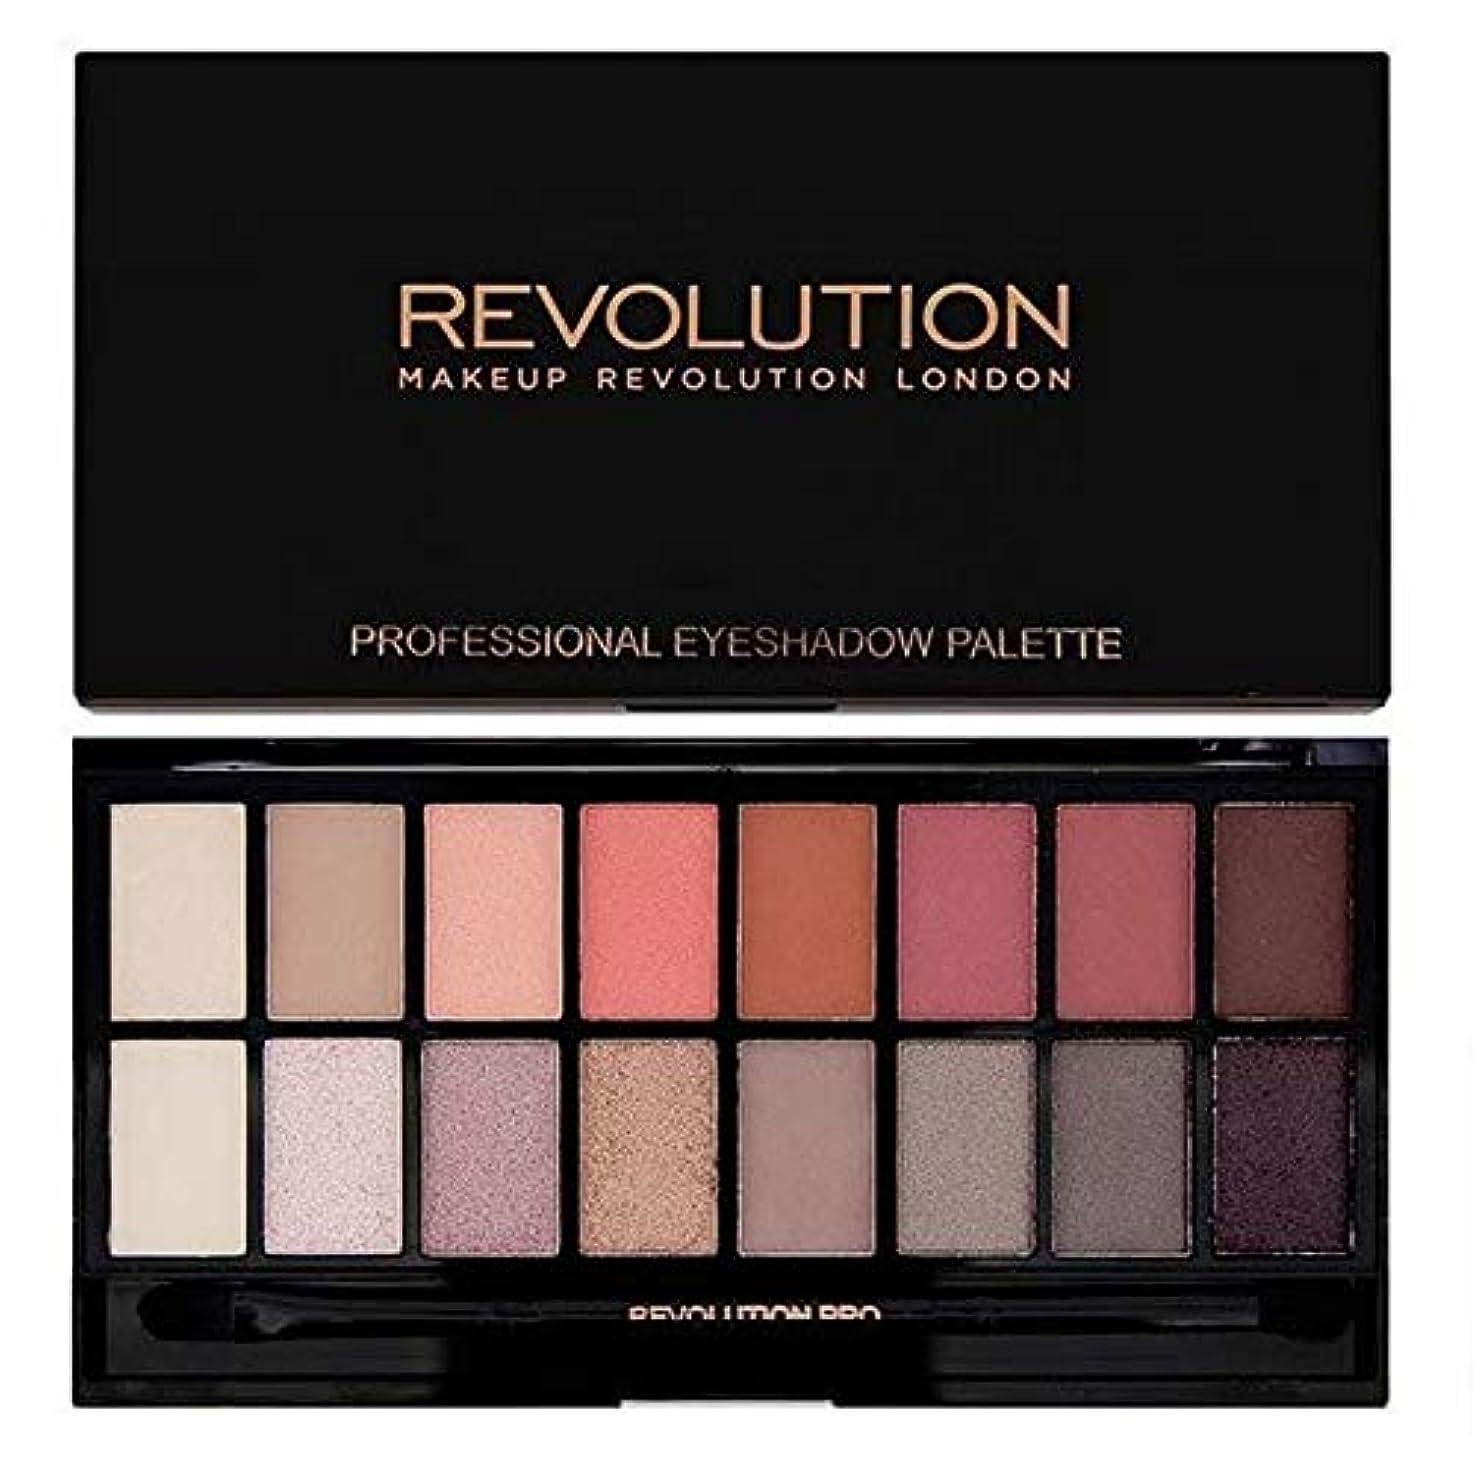 痛みアラートバンケット[Revolution ] 中性アイシャドウパレット対革命新Trals - Revolution New-trals vs Neutrals Eye Shadow Palette [並行輸入品]